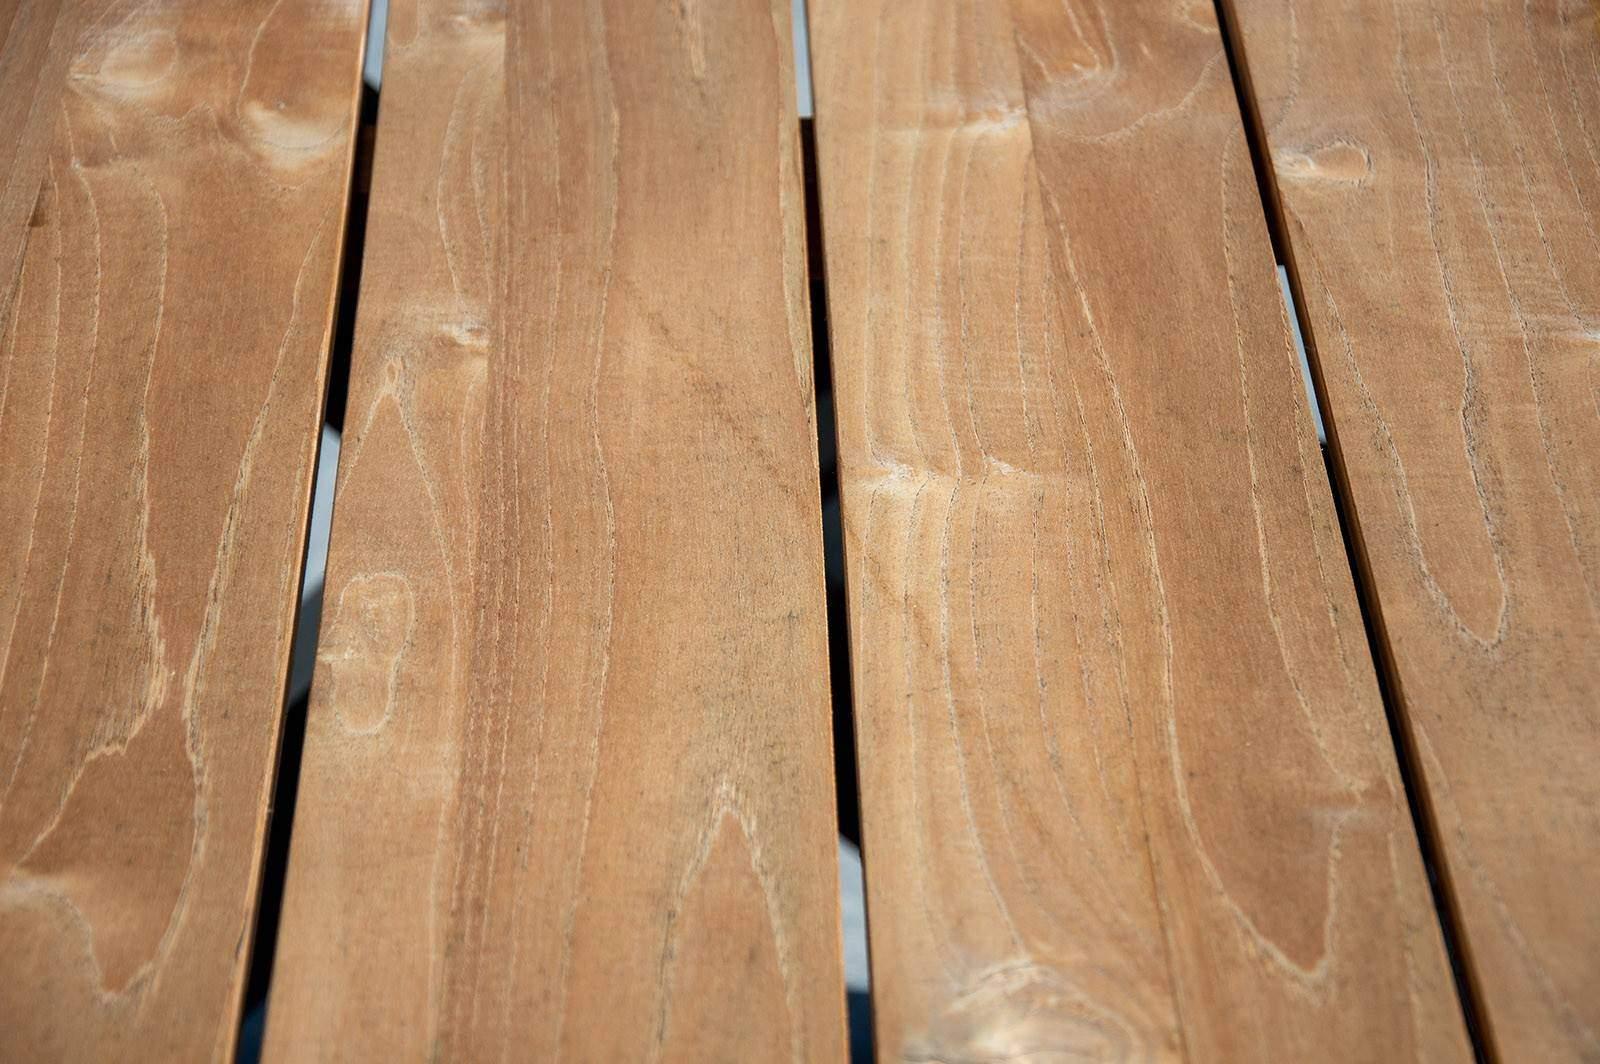 Zestaw ogrodowy BILBAO antracite z krzesłami MINA